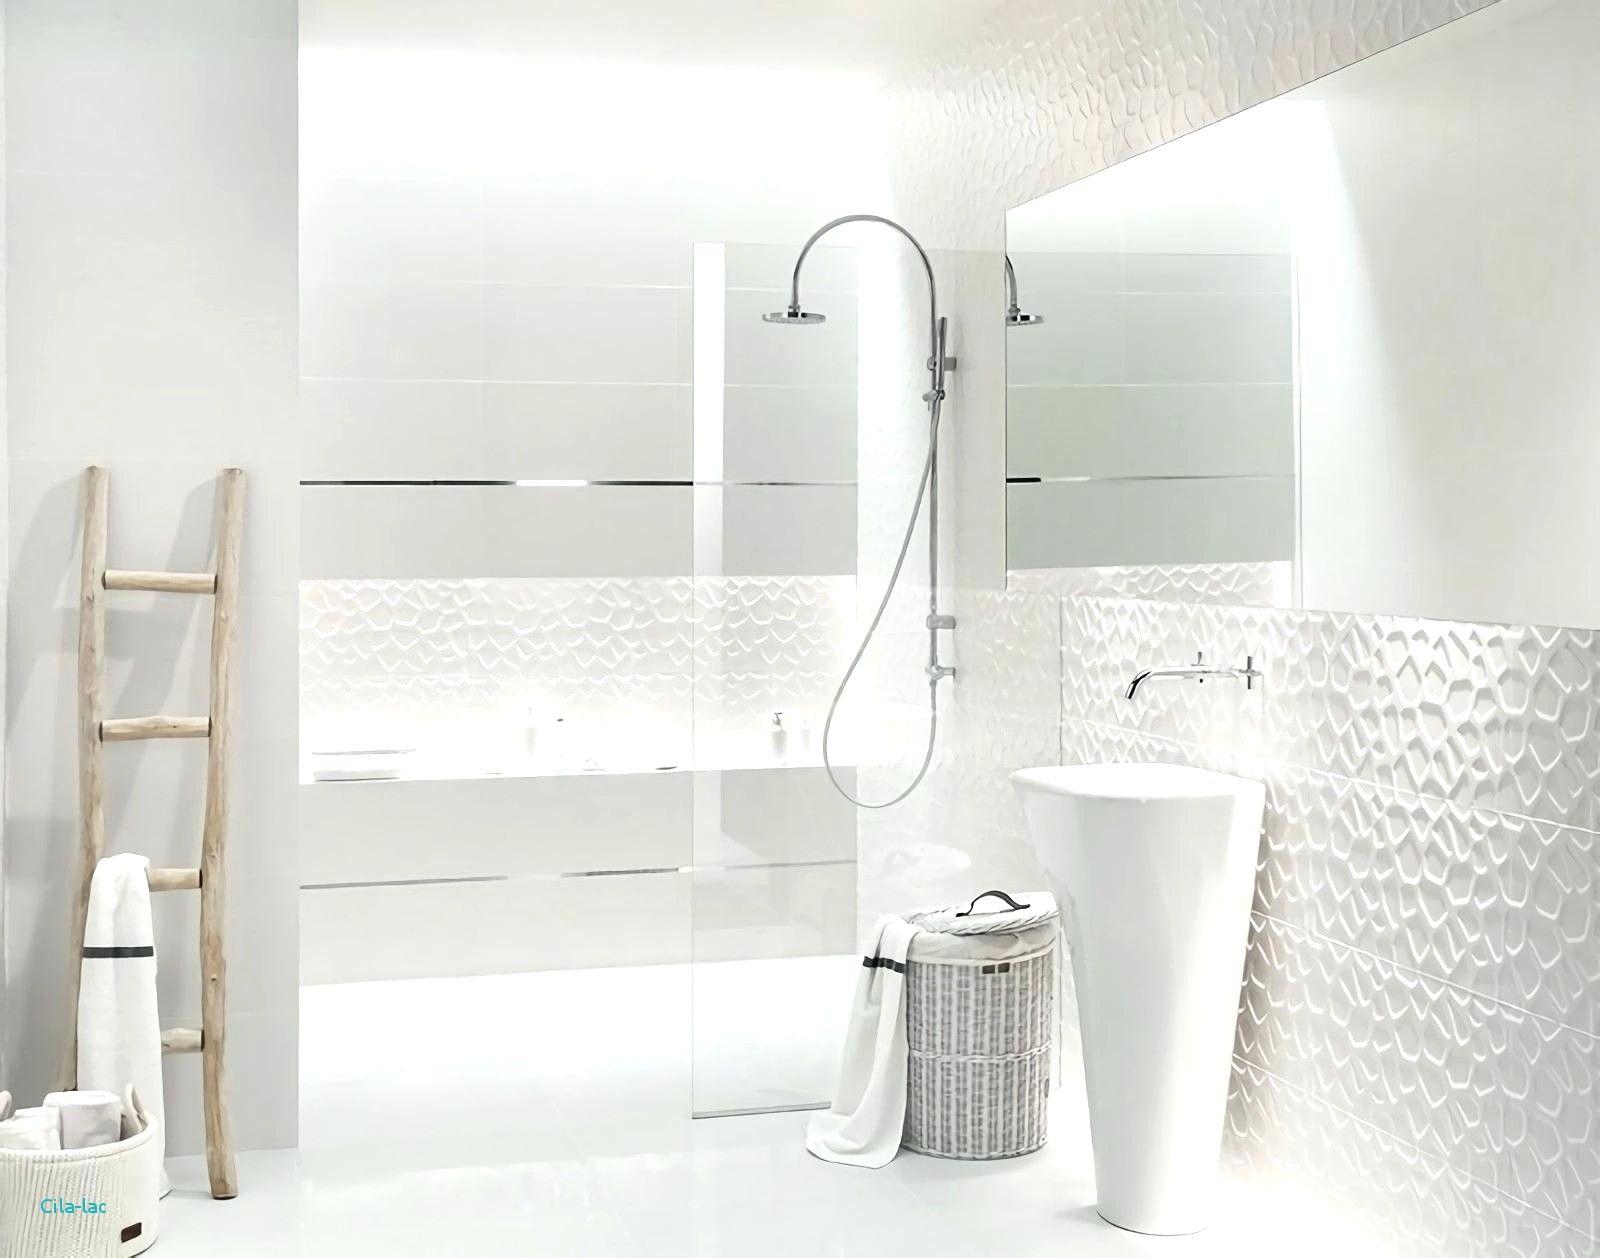 71 Erweitert Fotos Von Eckschrank Badezimmer Badezimmer Komplett Bad Fliesen Designs Badezimmer Innenausstattung